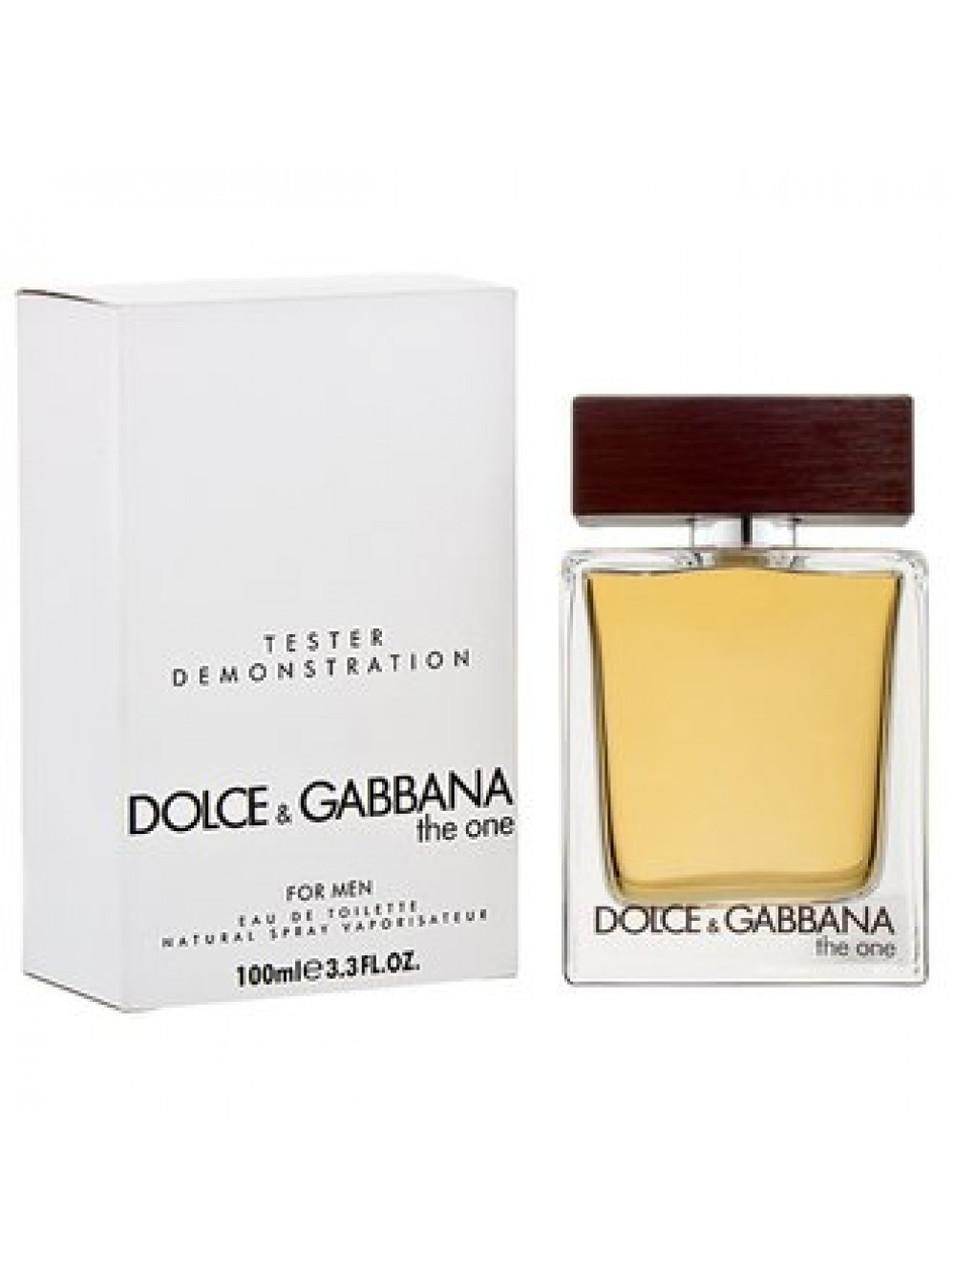 Dolce & Gabbana The One For Men edt teser 100ml